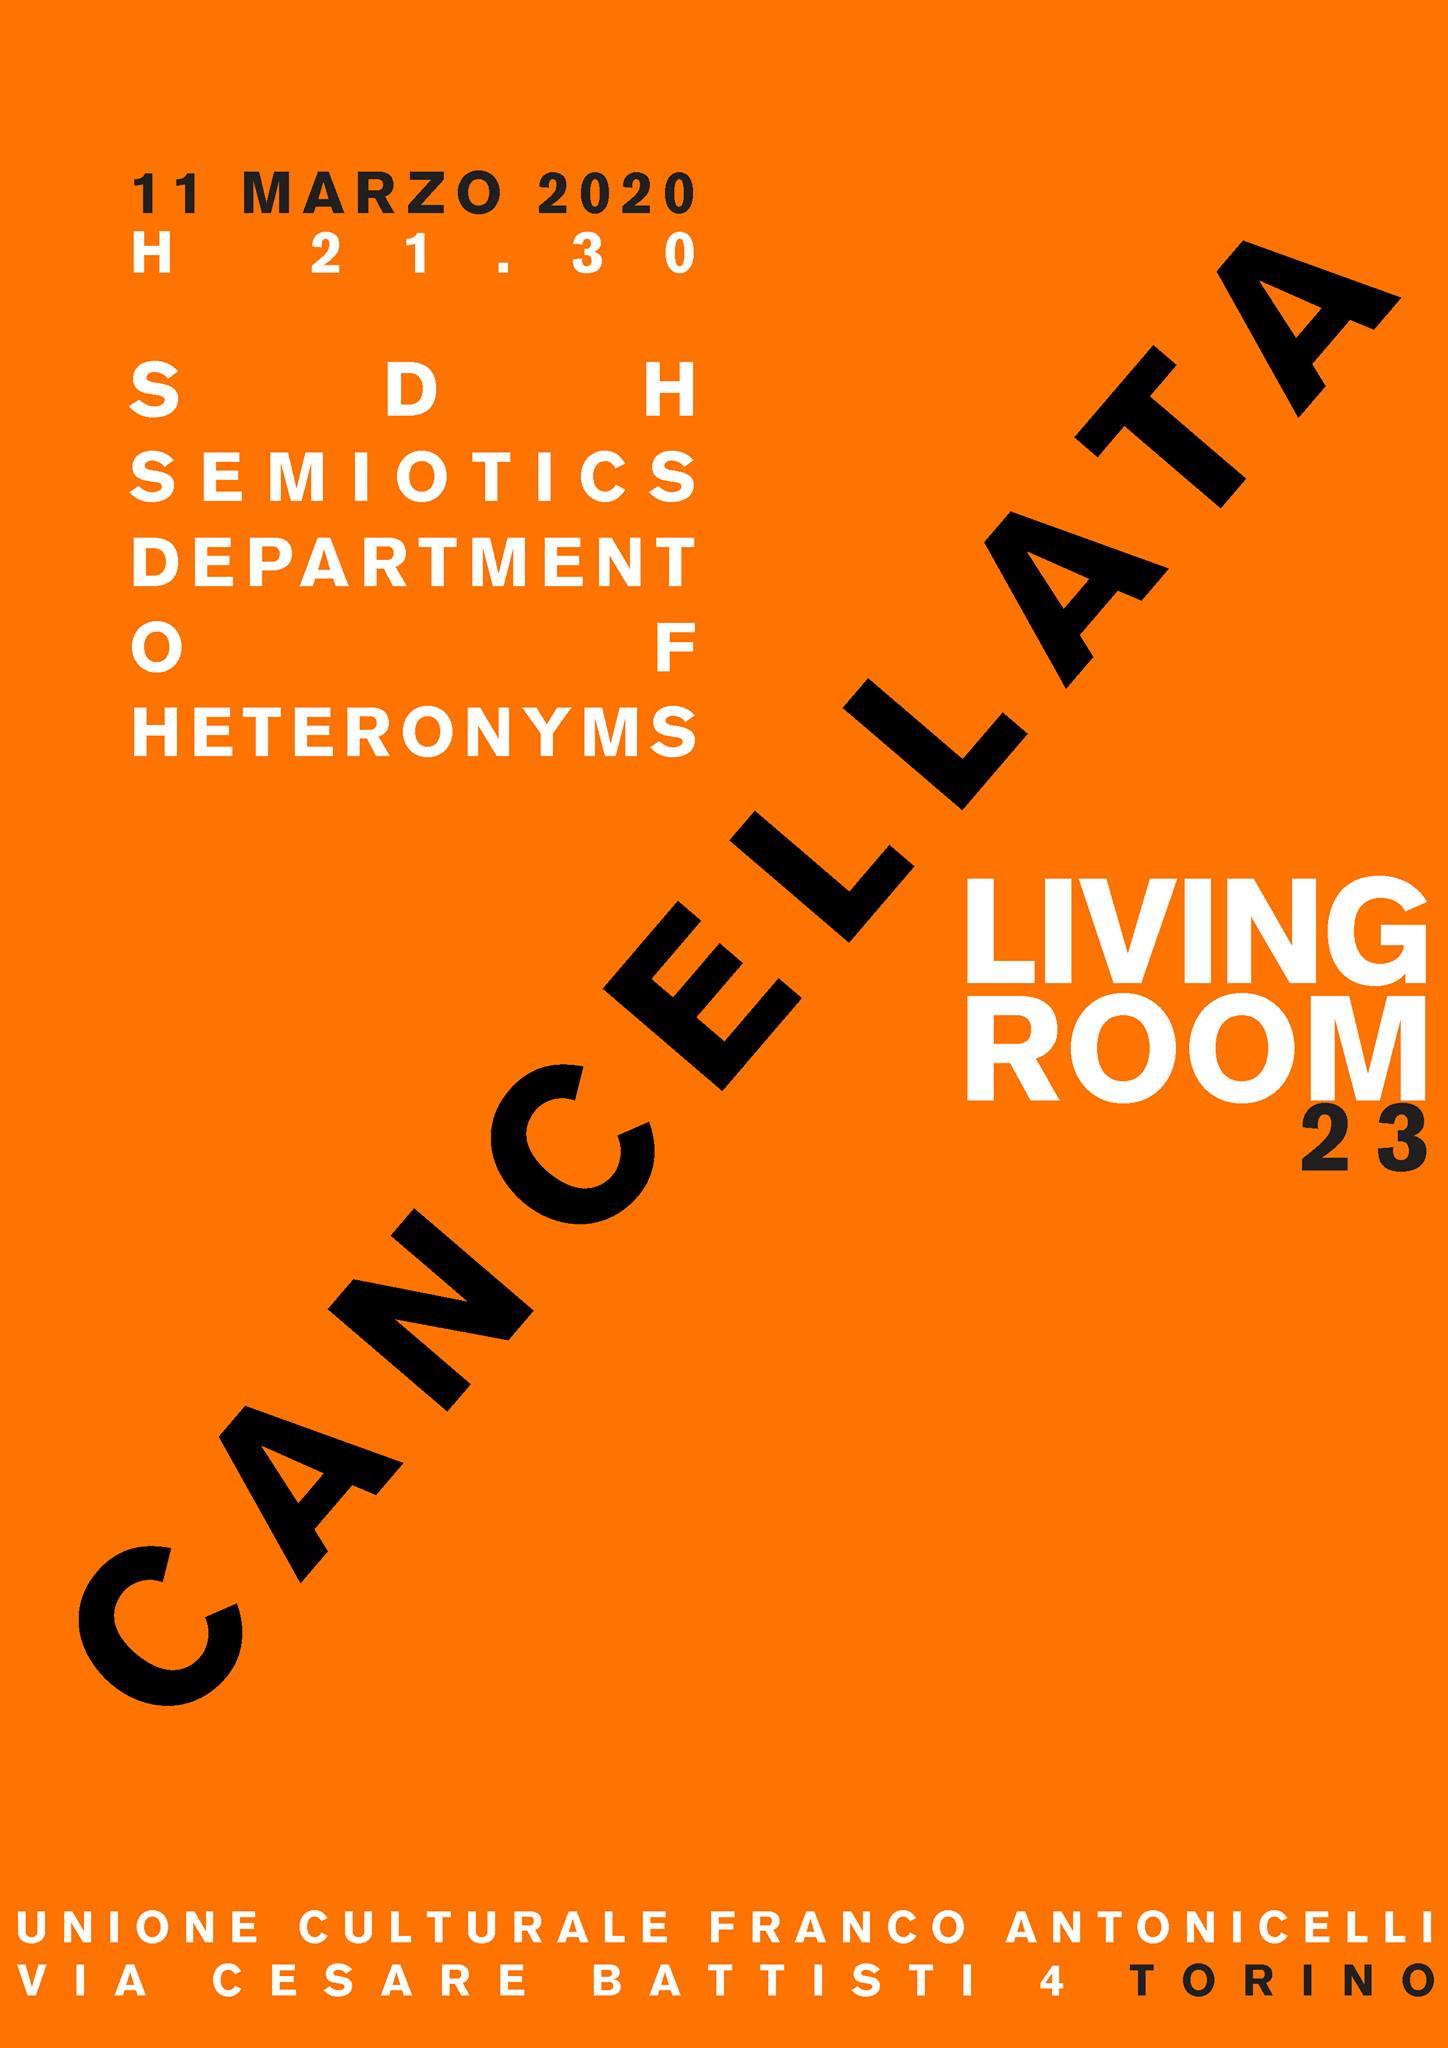 Living Room 23 NO